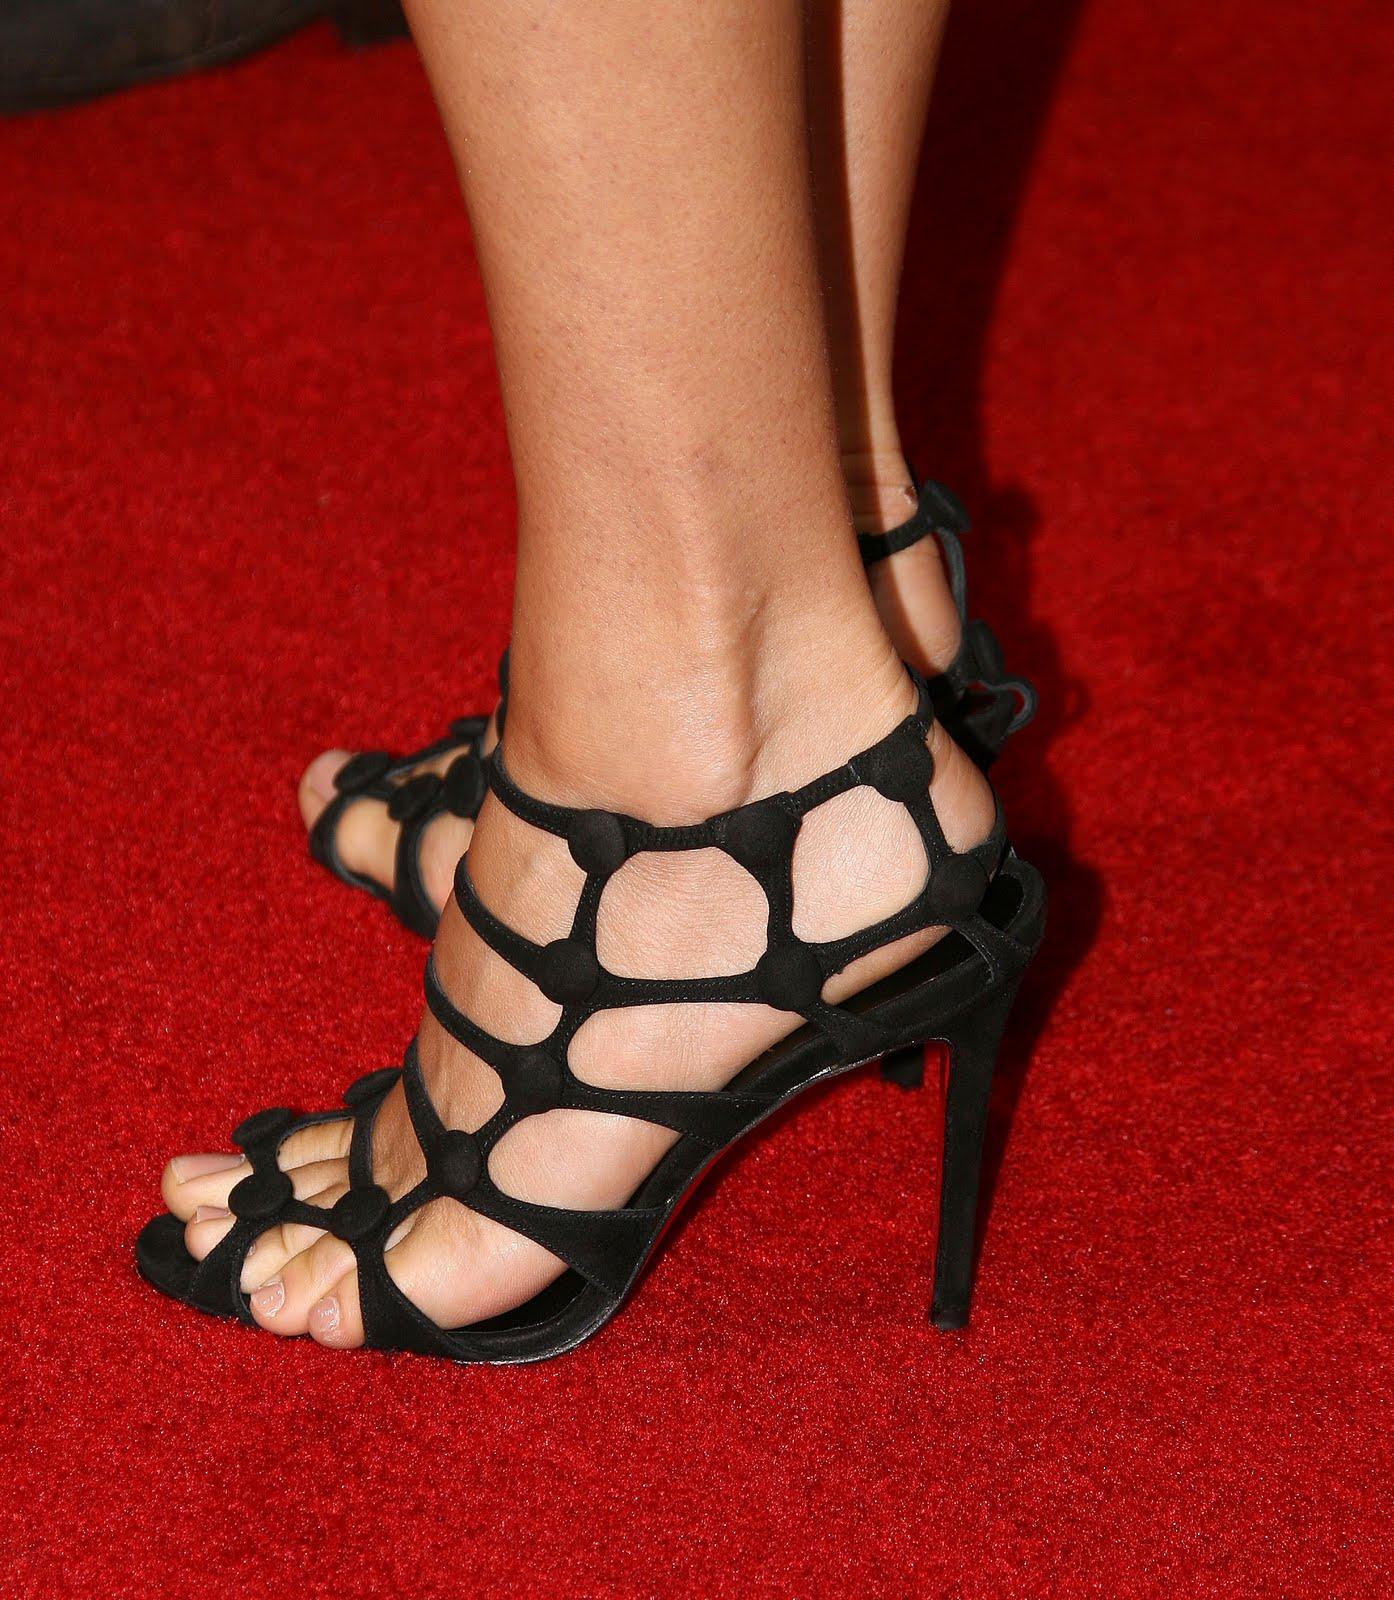 http://4.bp.blogspot.com/_bQ0SqifjNcg/S-OO50cXWrI/AAAAAAAAUGE/AhB9SBi1lCY/s1600/jenny-mccarthy-feet-4.jpg